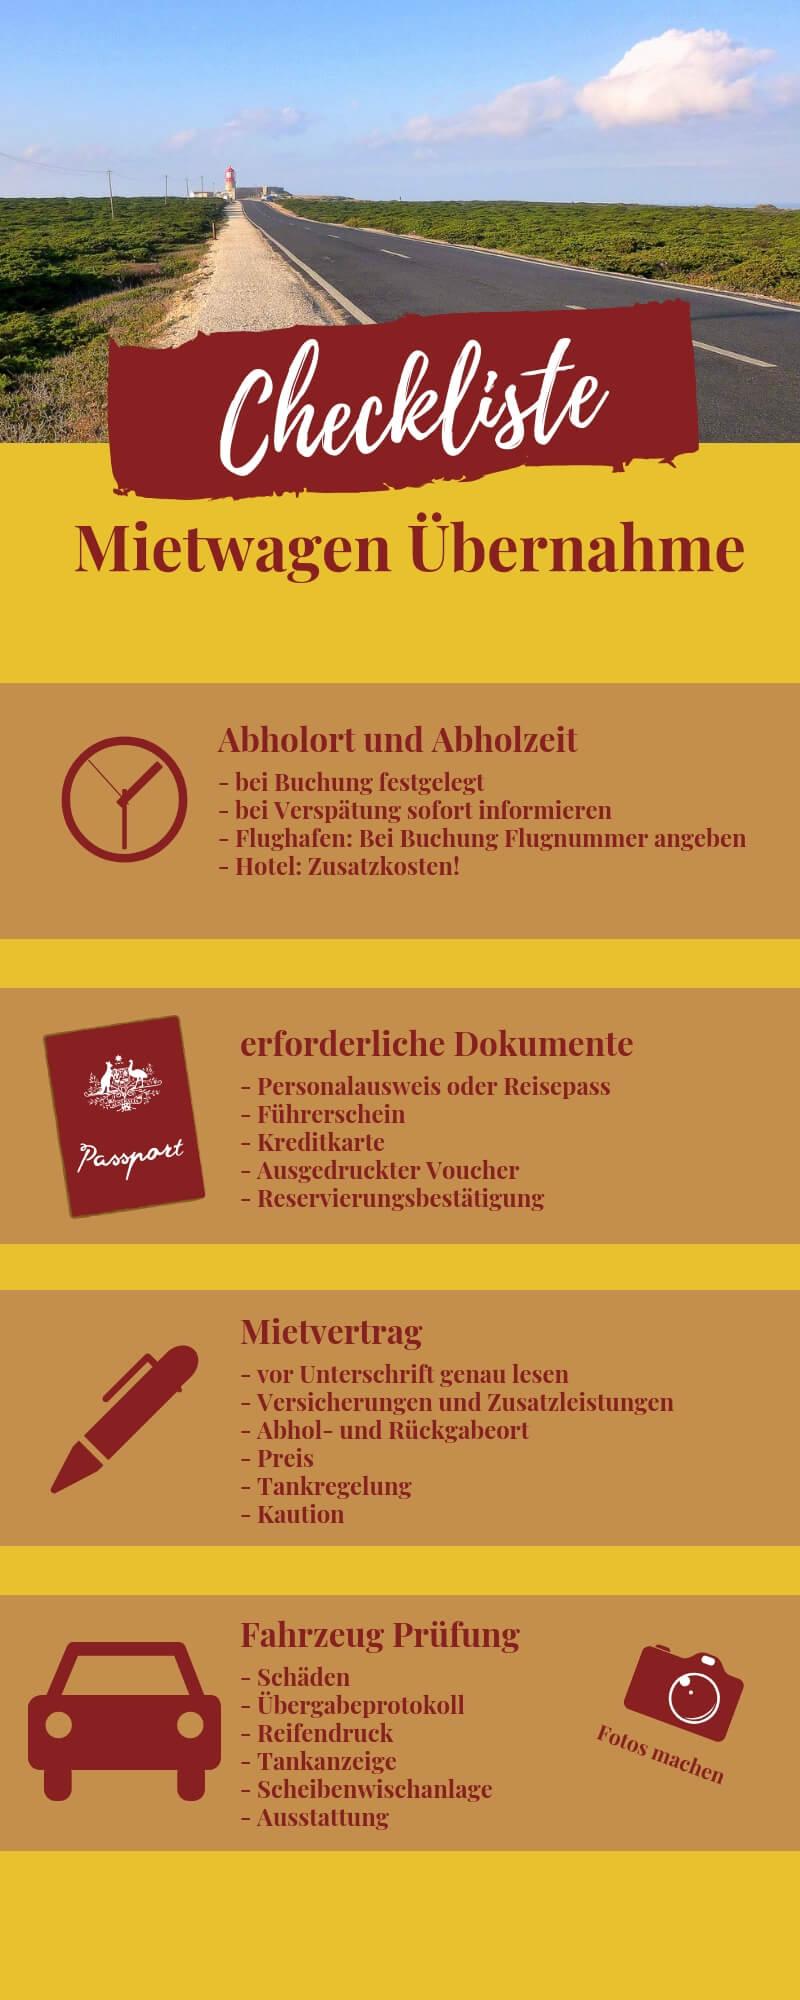 Checkliste Mietwagen Übernahme